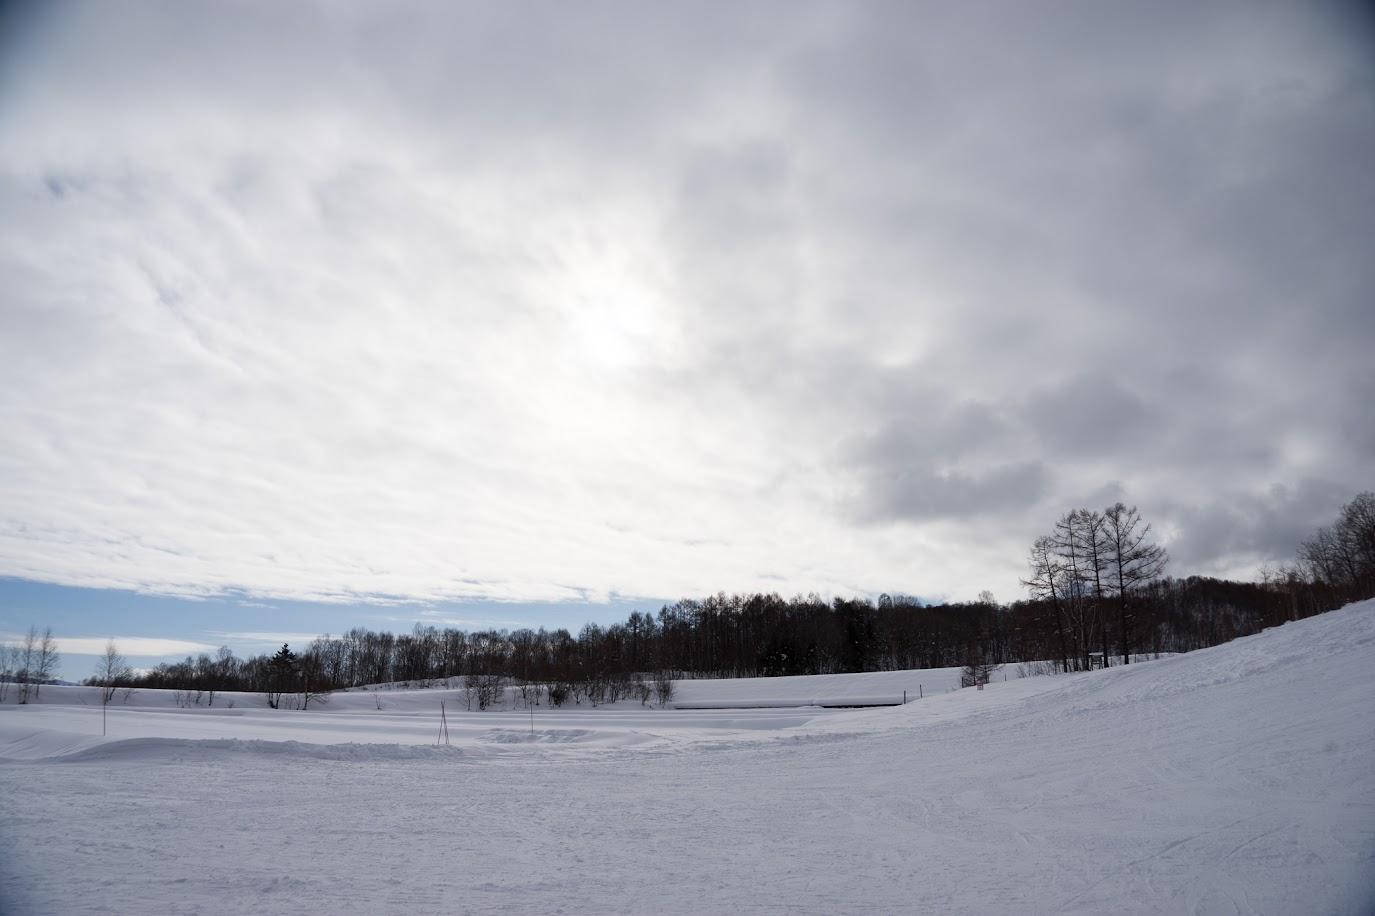 町営スキー場周辺の風景